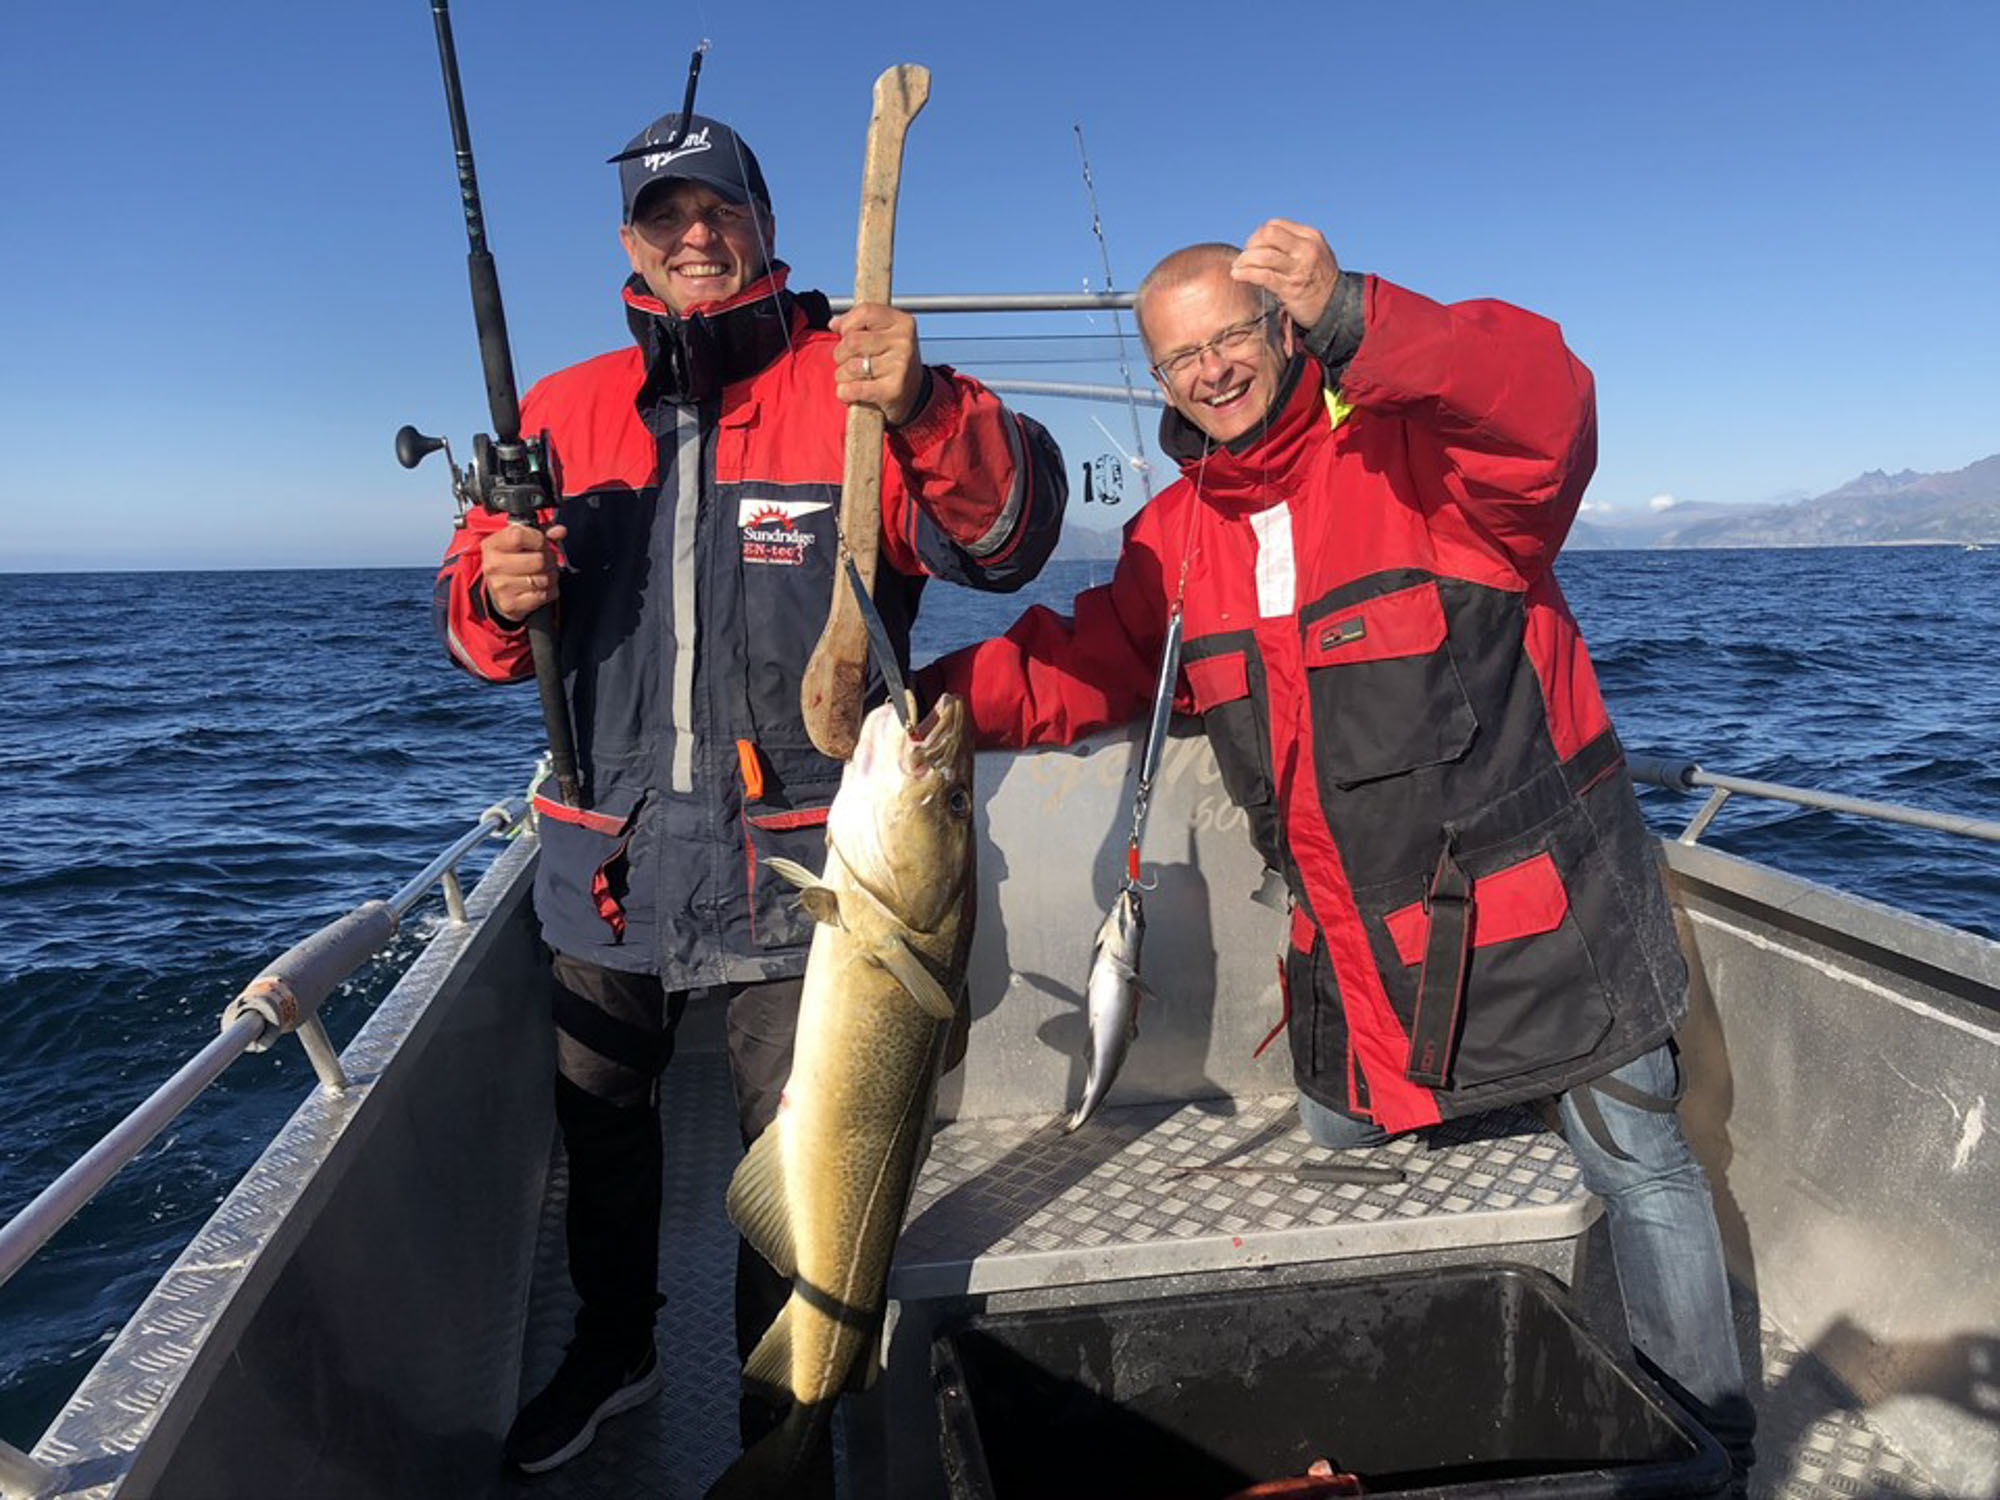 Glade venner på fisketur